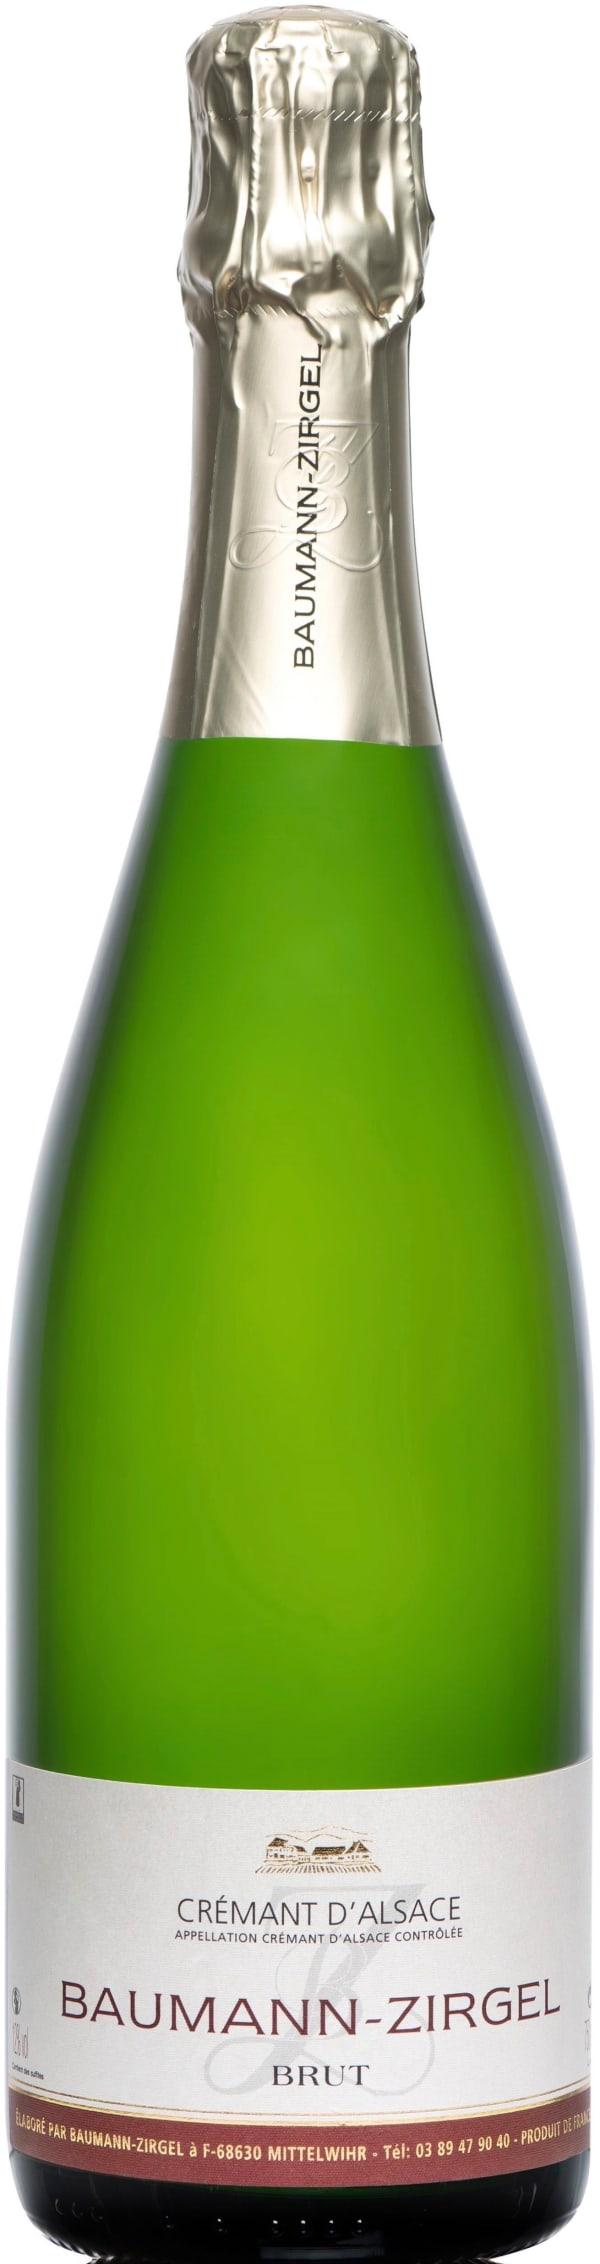 Baumann-Zirgel Crémant d'Alsace Brut